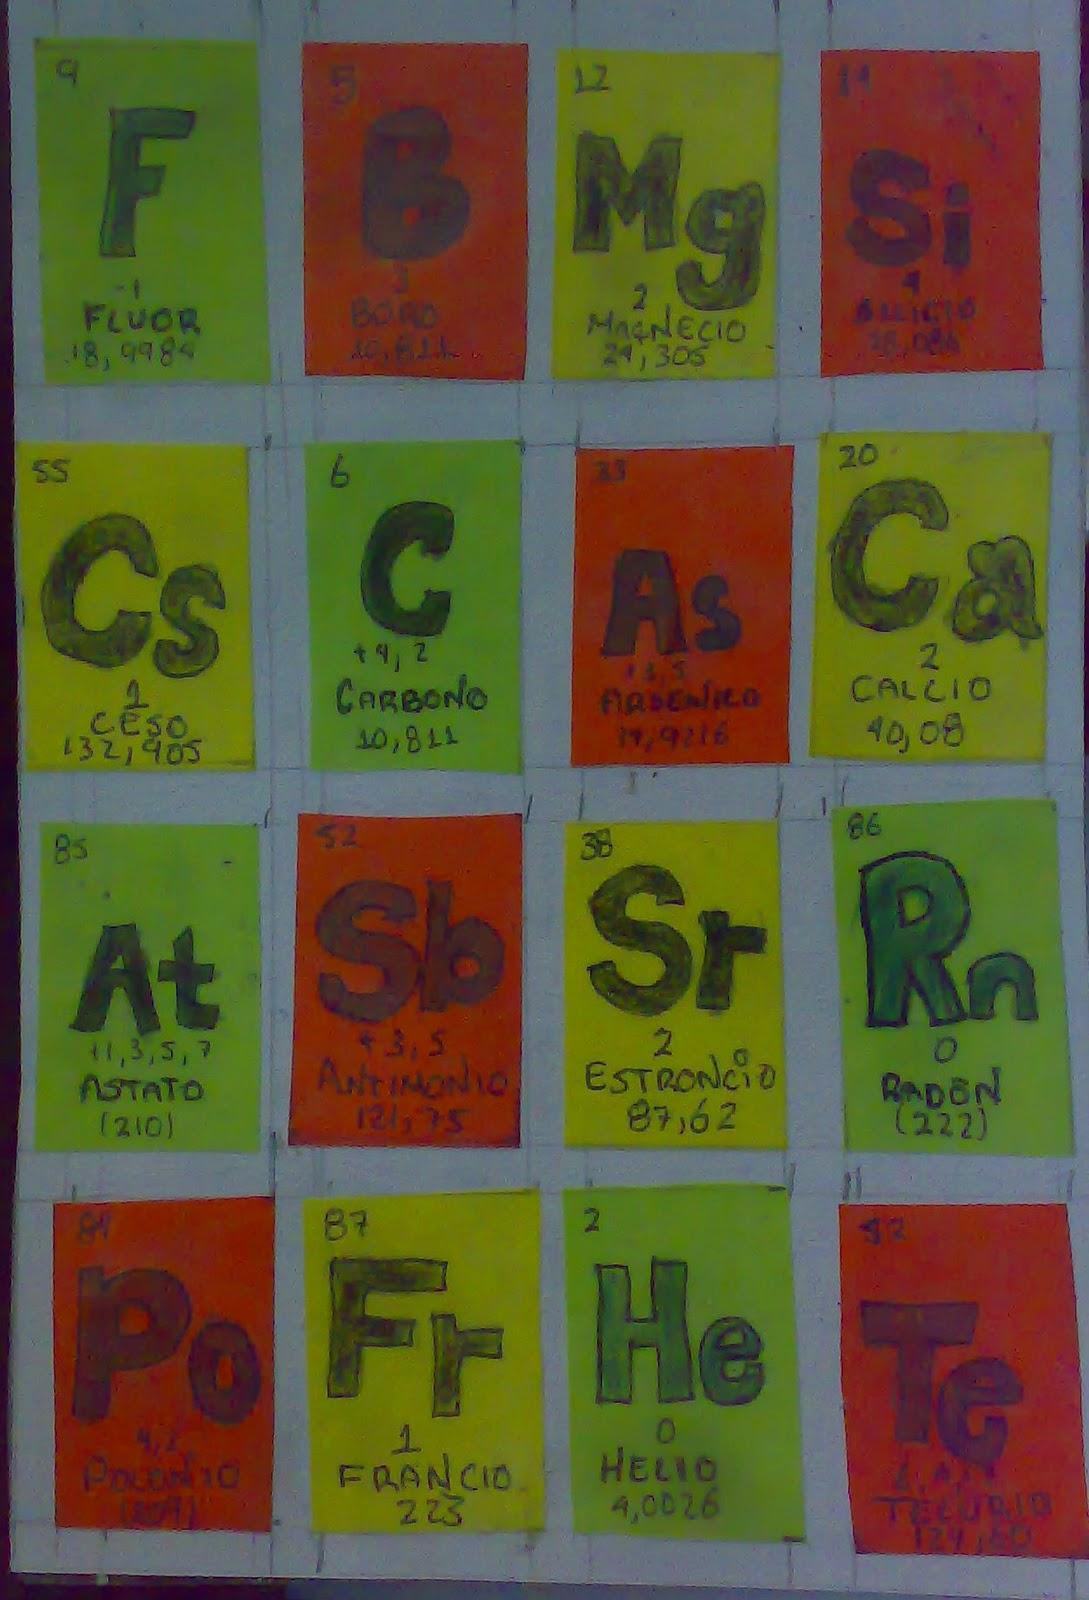 Qumica 2 tabla periodica vs tabla cuantica tabla periodica vs tabla cuantica urtaz Images